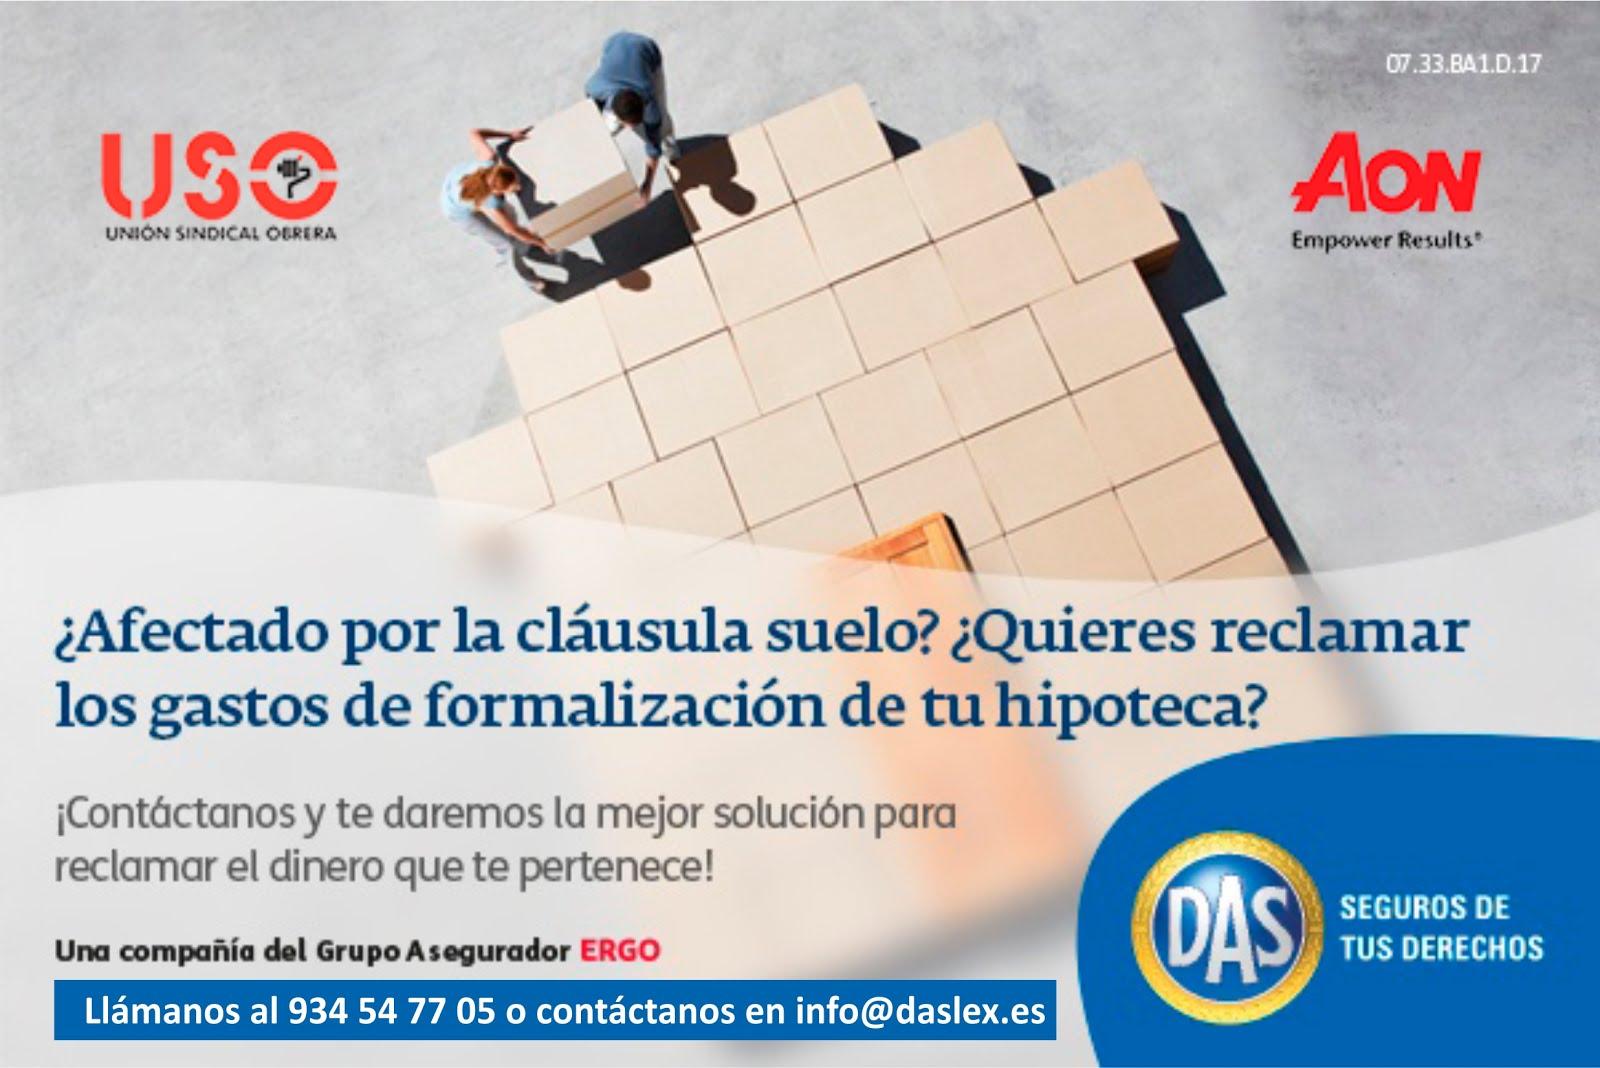 NUEVO SERVICIO JURIDICO PARA AFILIAD@S A USO. RECLAMACION CLASUSULAS SUELO Y GASTOS DE HIPOTECA.